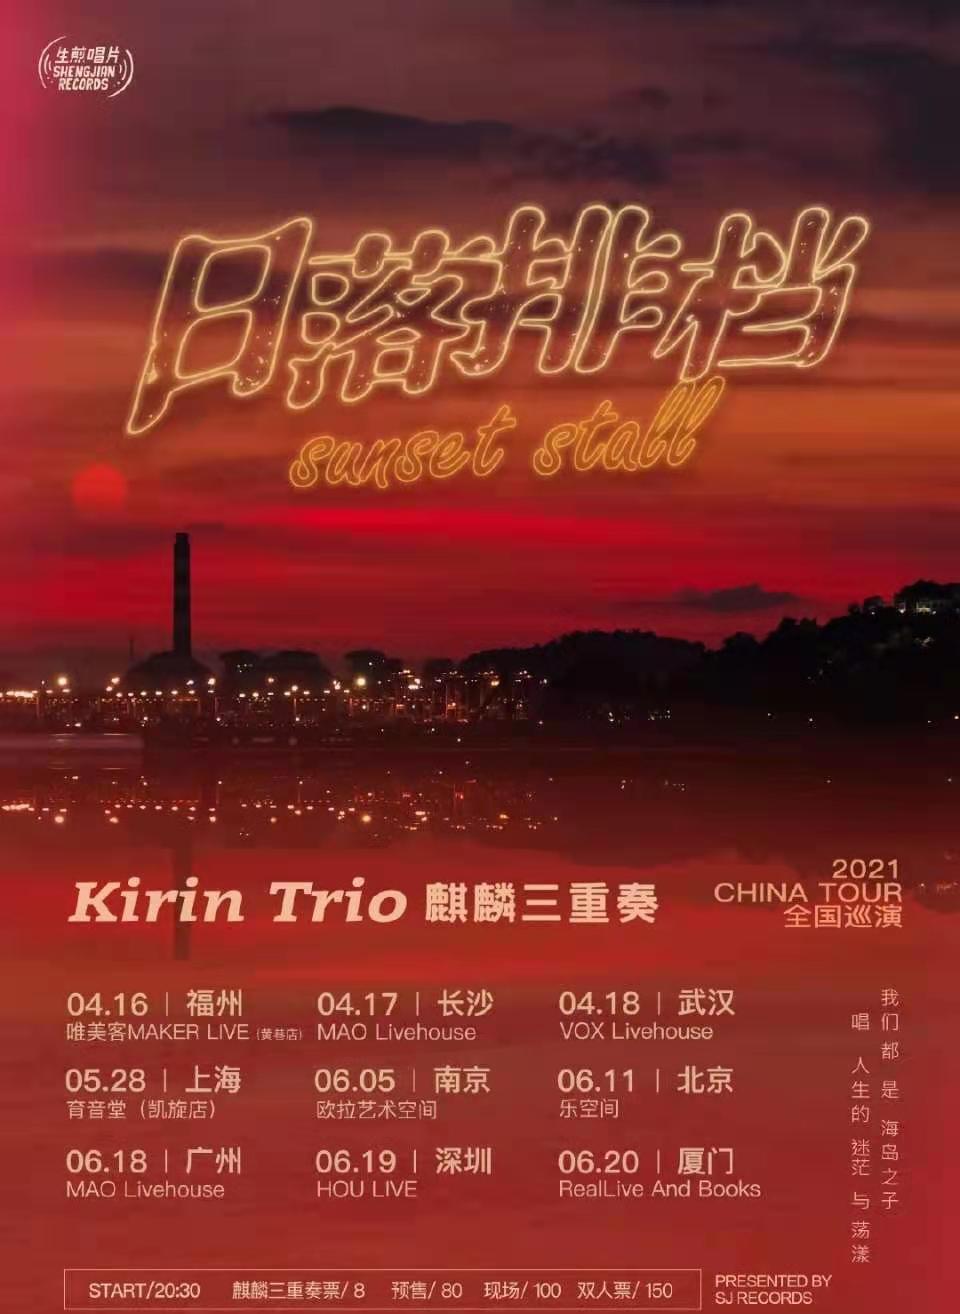 麒麟三重奏Kirin Trio南京演唱会